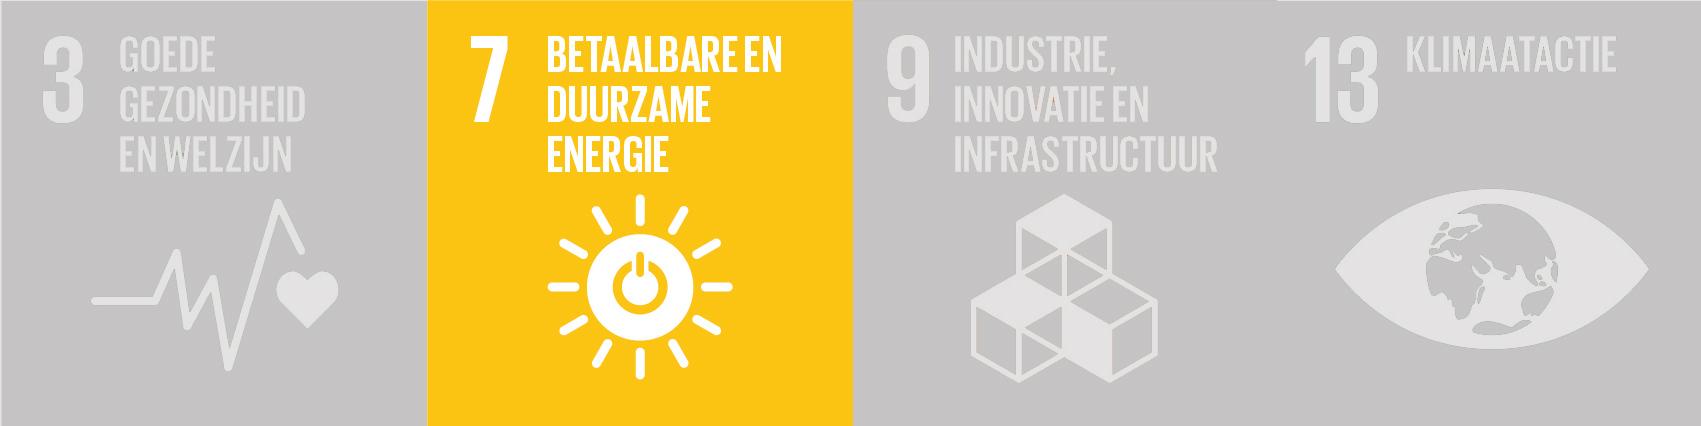 Energie-SDG-doelstellingen-been-management-consulting